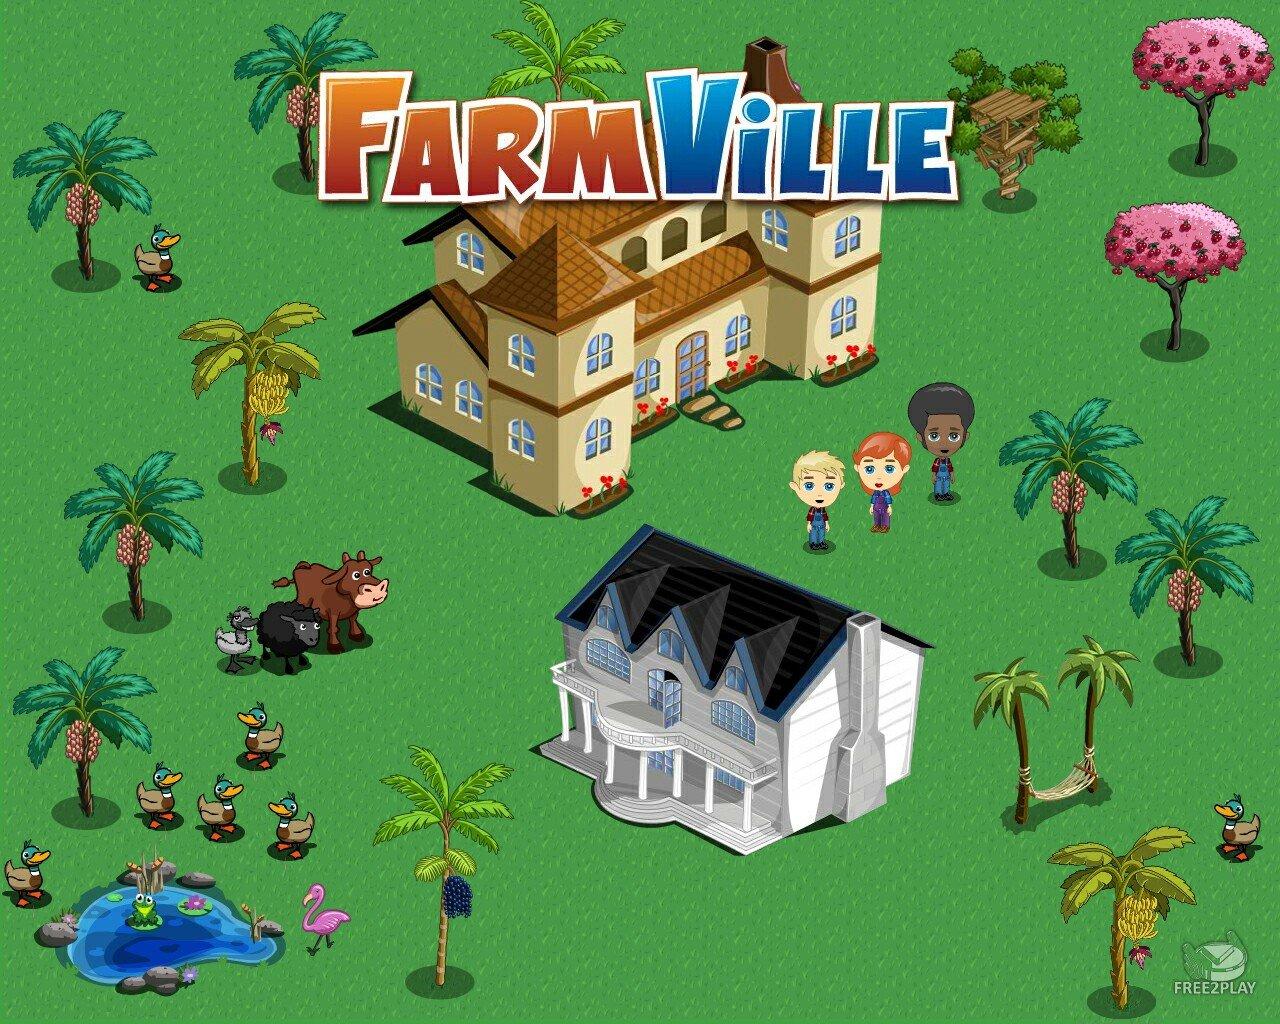 farmville online free